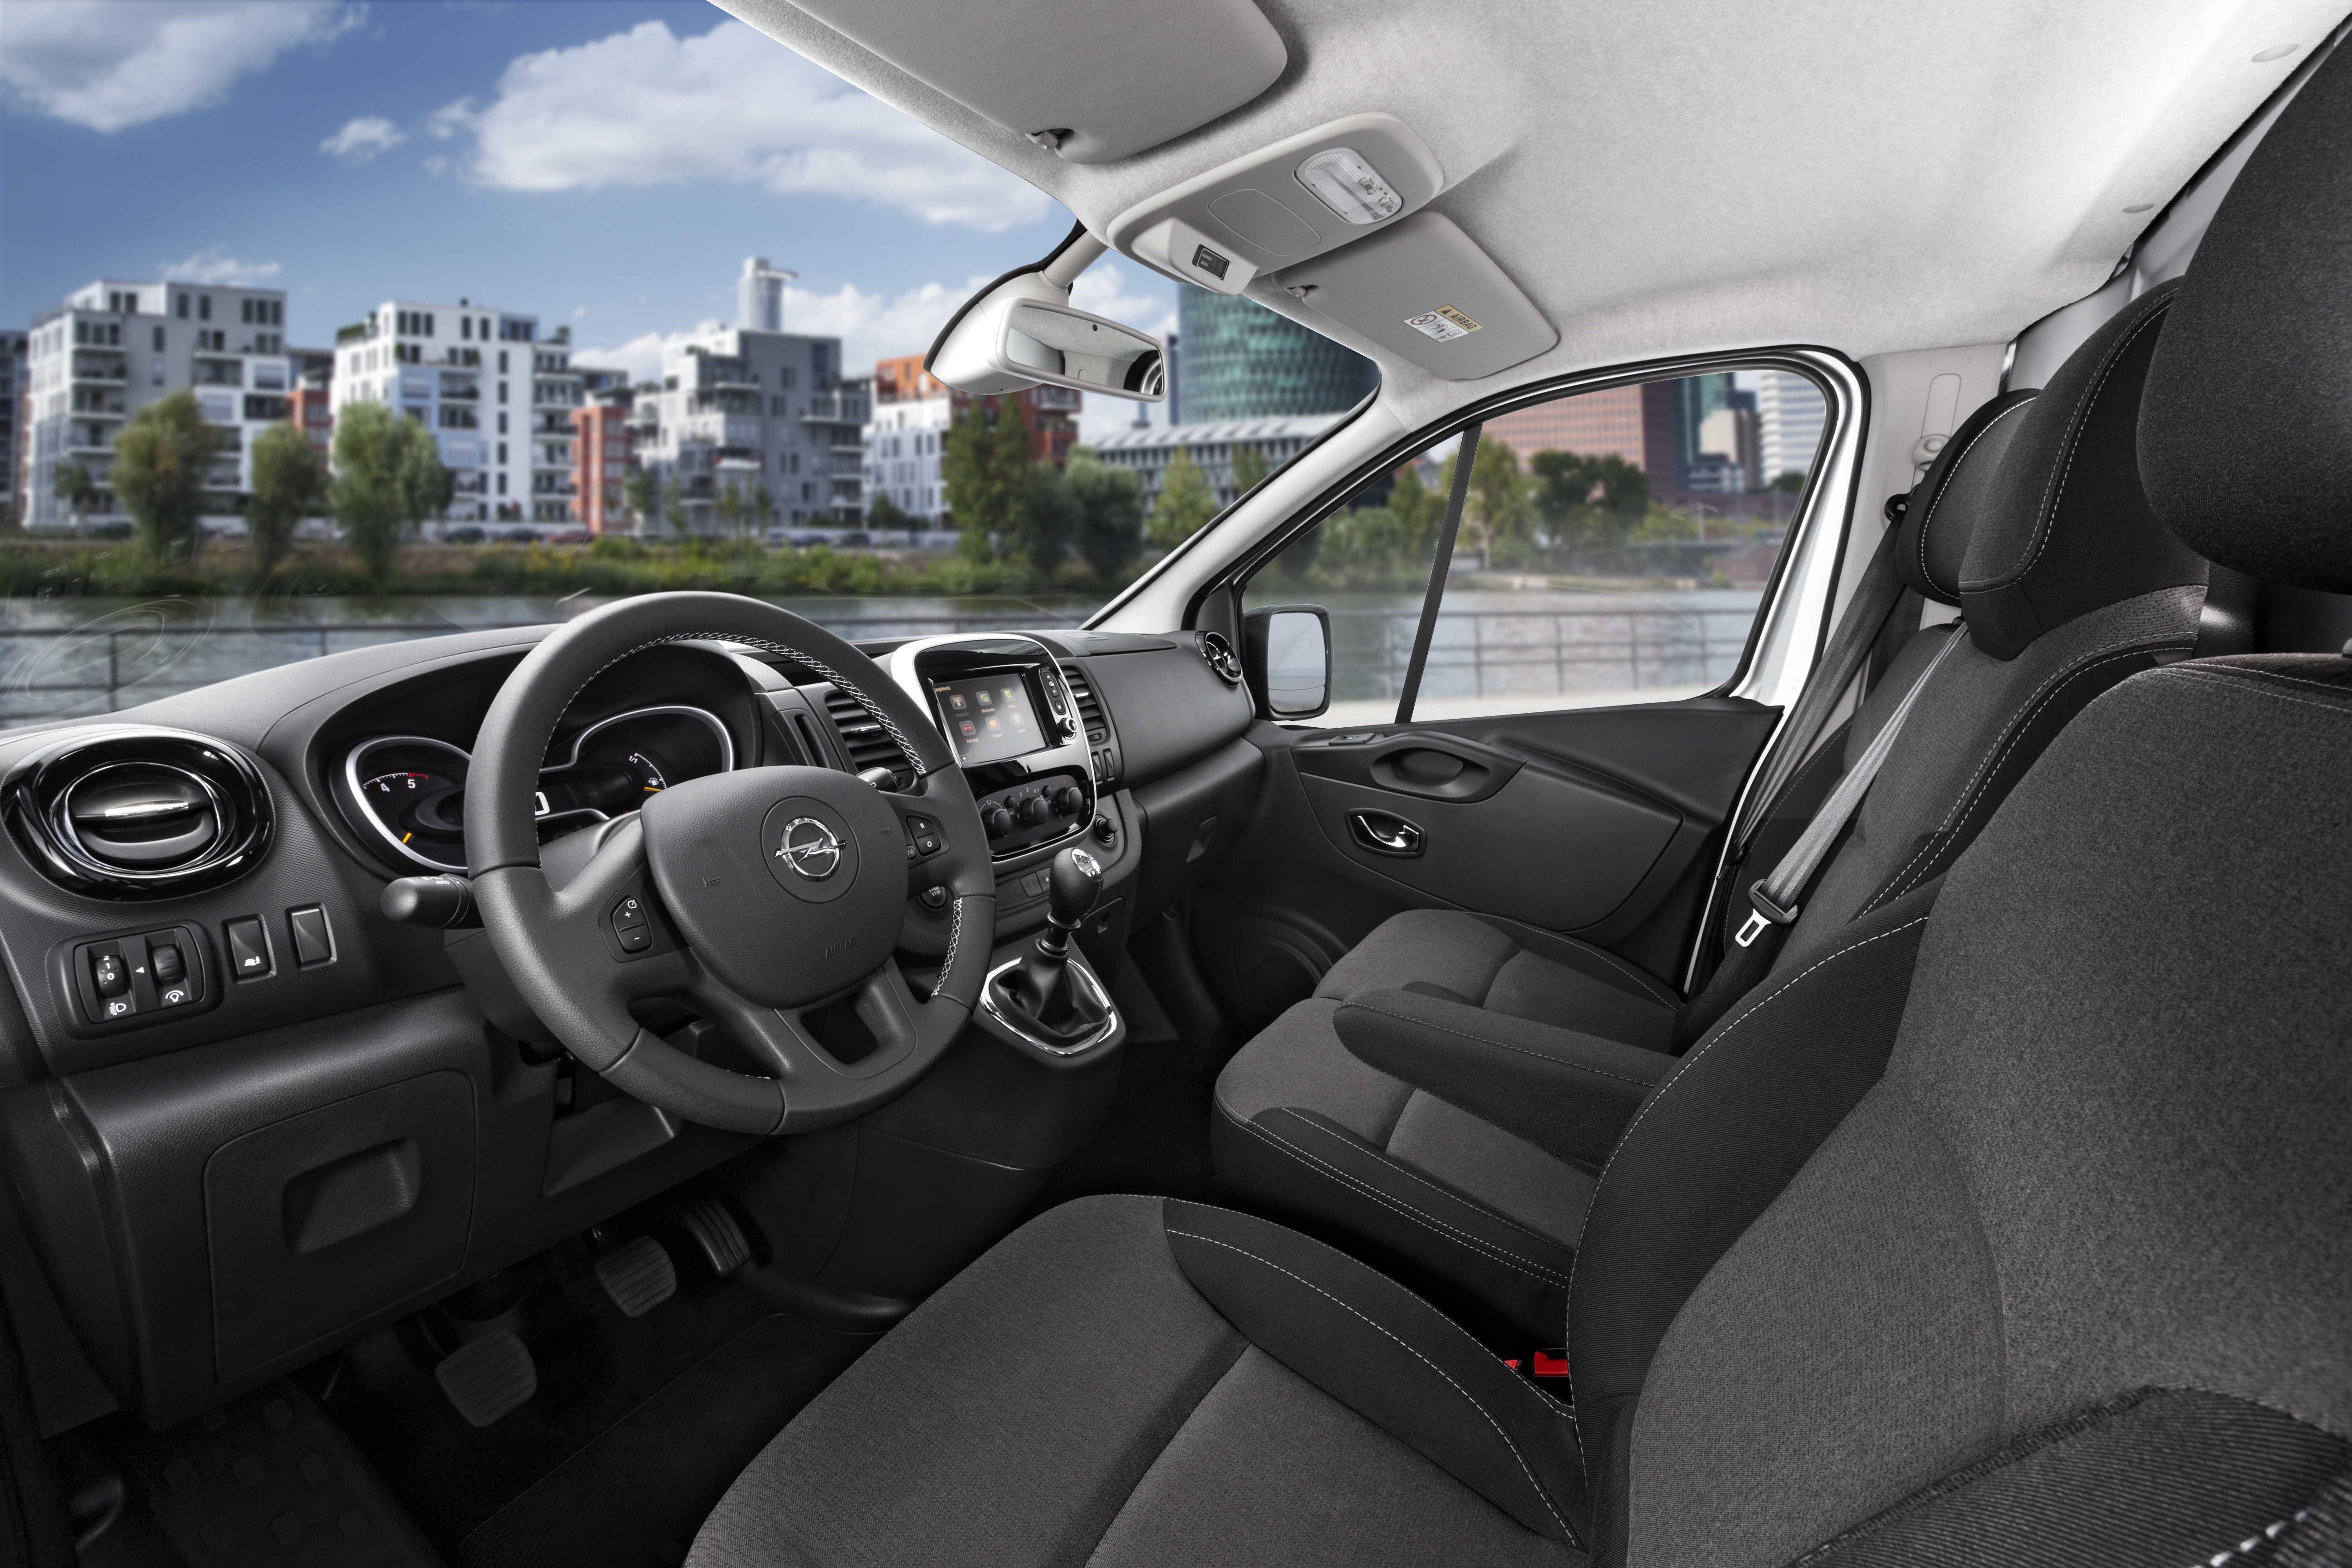 Opel Vivaro A 2001 - 2014 Minivan #2